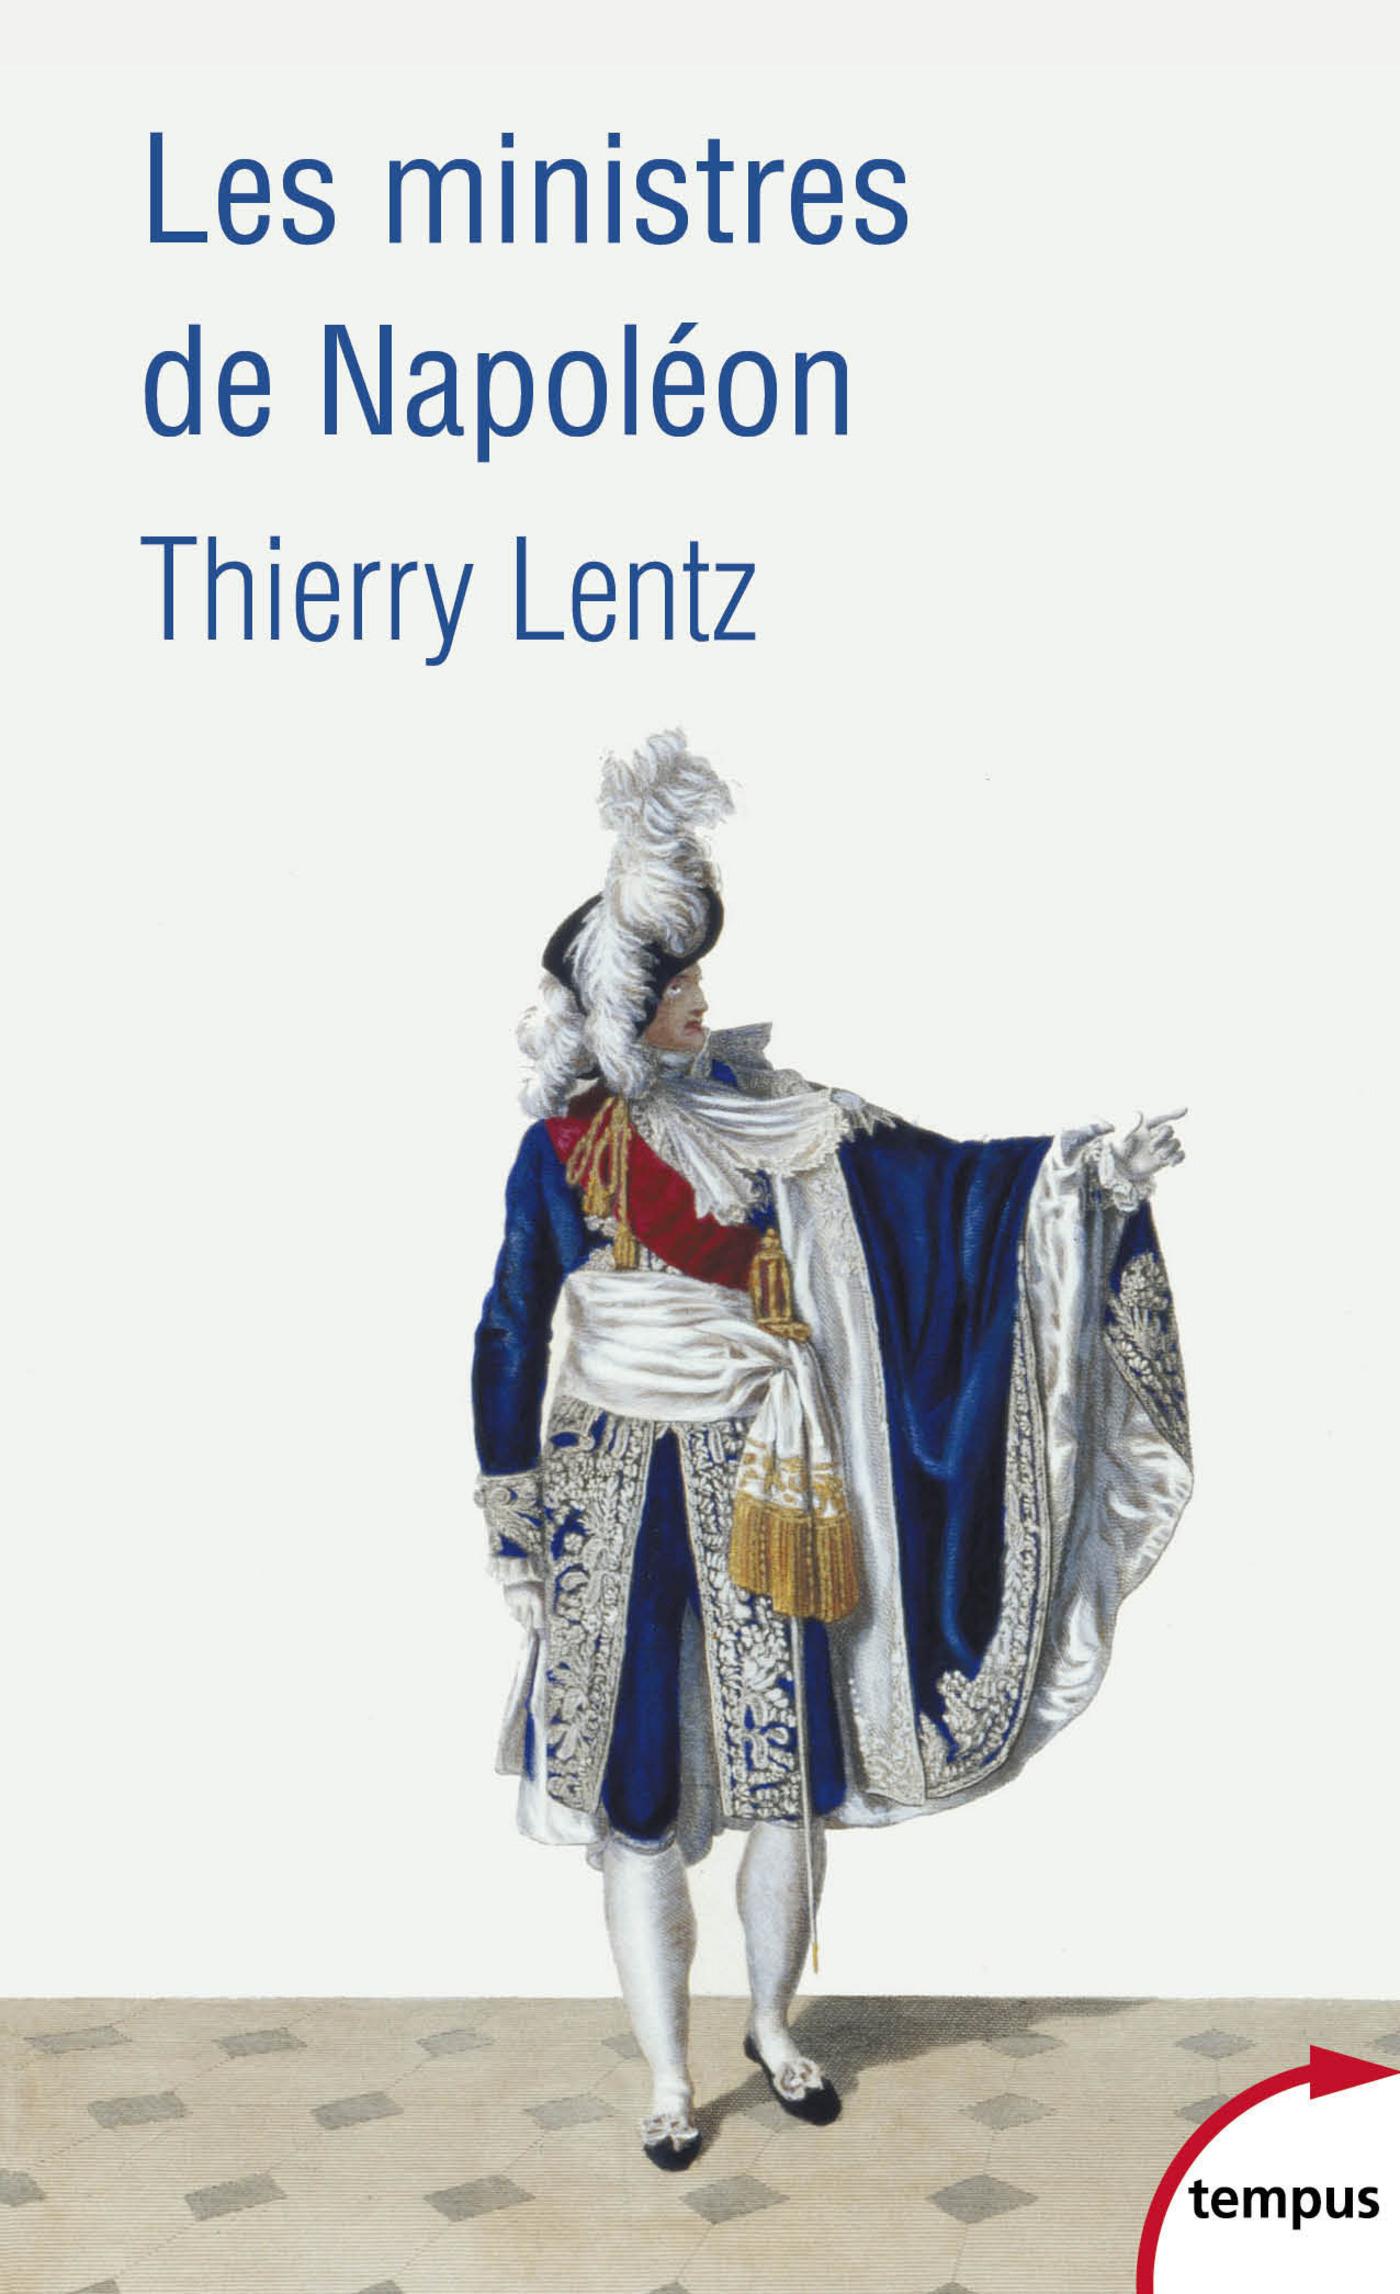 Les ministres de Napoléon (ebook)